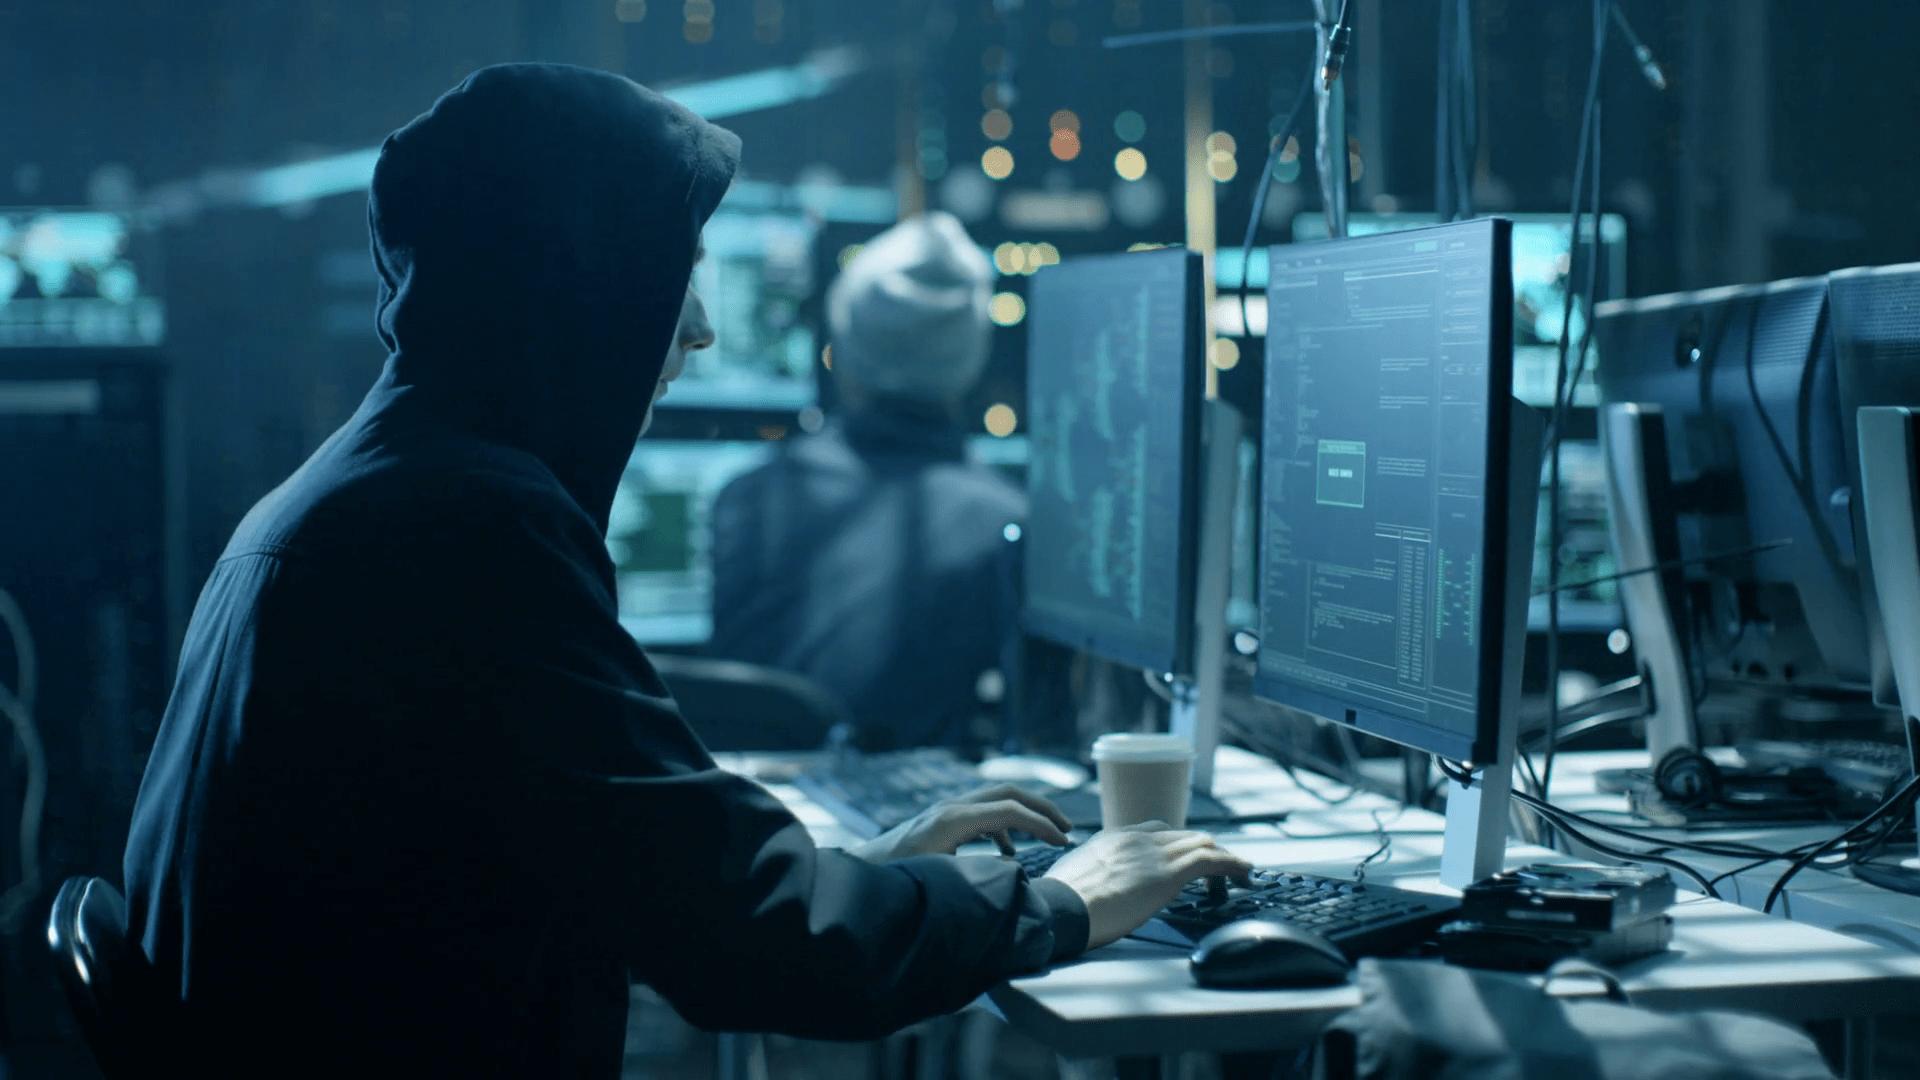 Proteção e reputação: o patrimônio digital da sua empresa está sempre em jogo